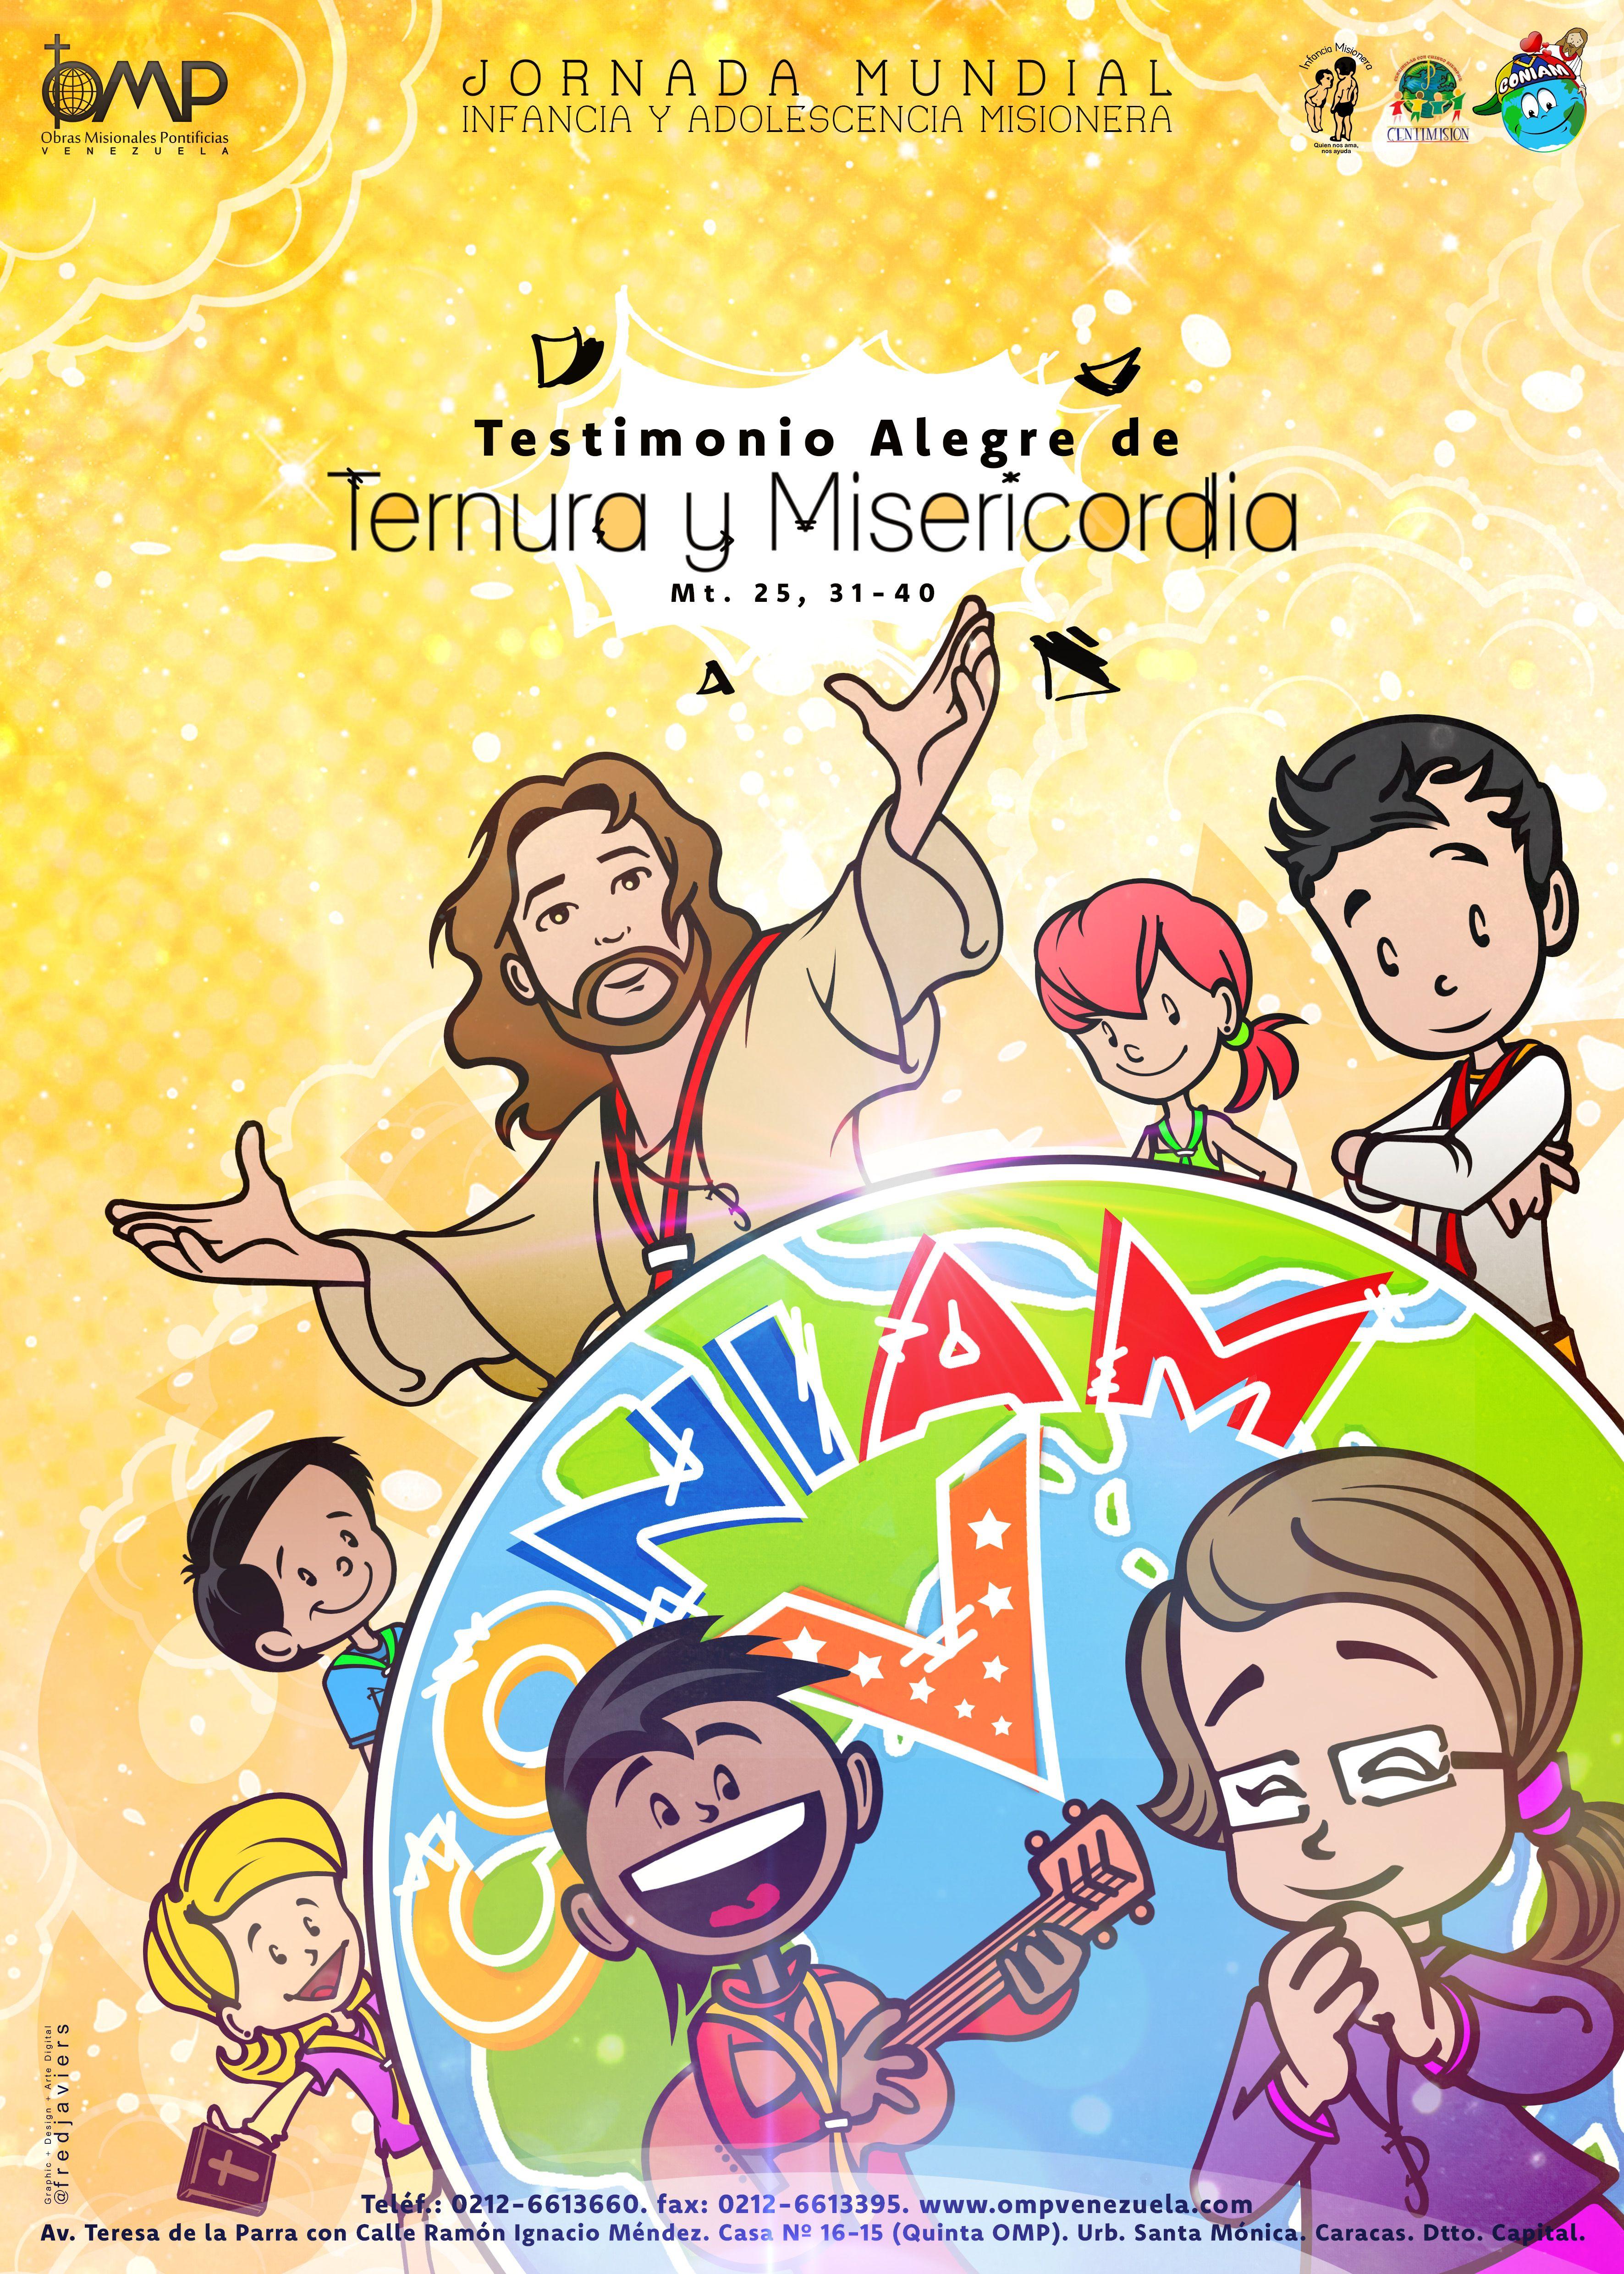 Obras Misionales Pontificias en Venezuela - Jornada 2016 | Infancia ...